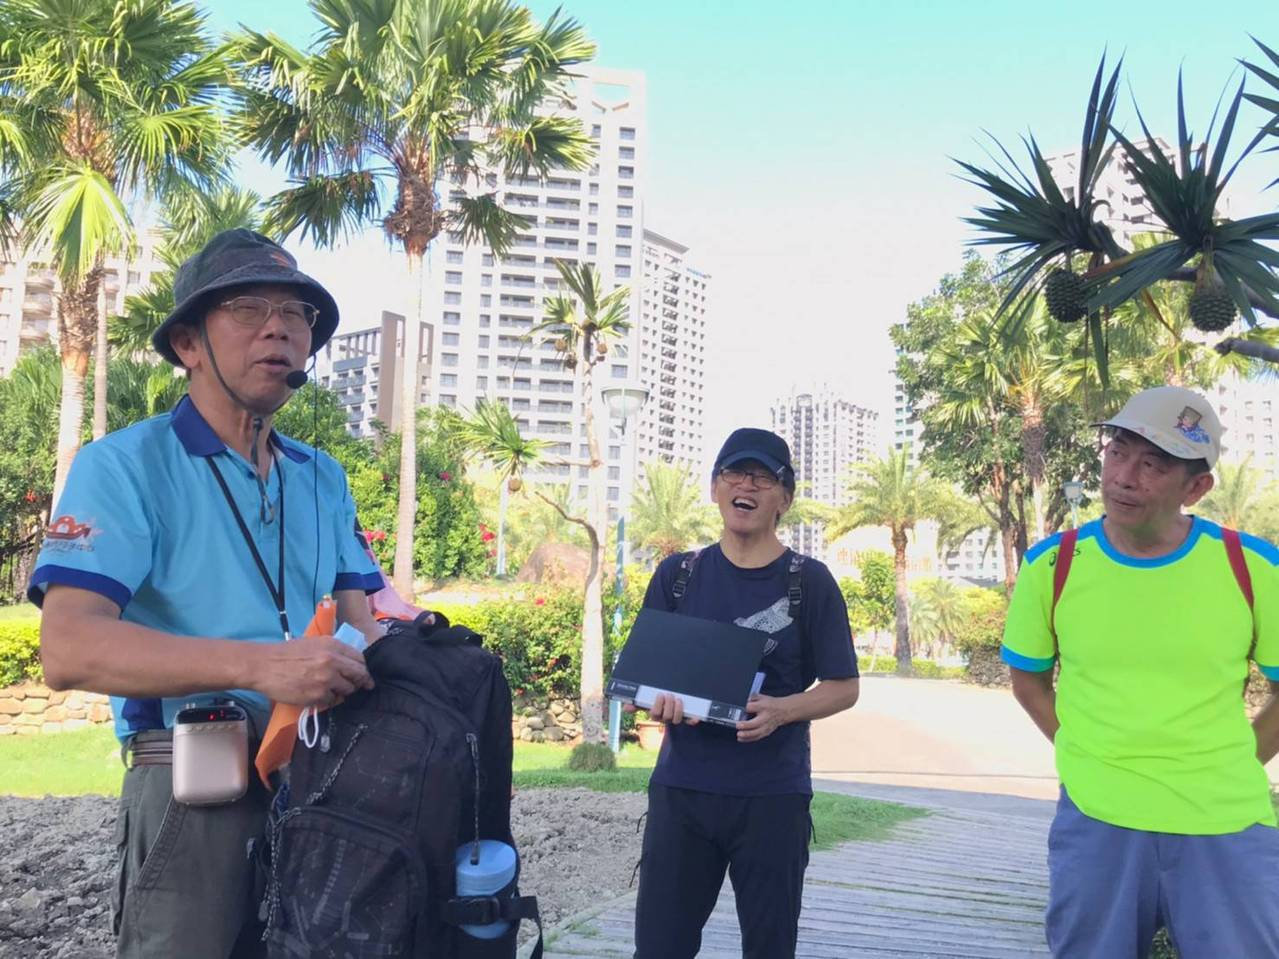 張仁勇(左)自警職退休後,在國家公園當導覽志工,開啟他人生第二春。 圖/張仁勇提...